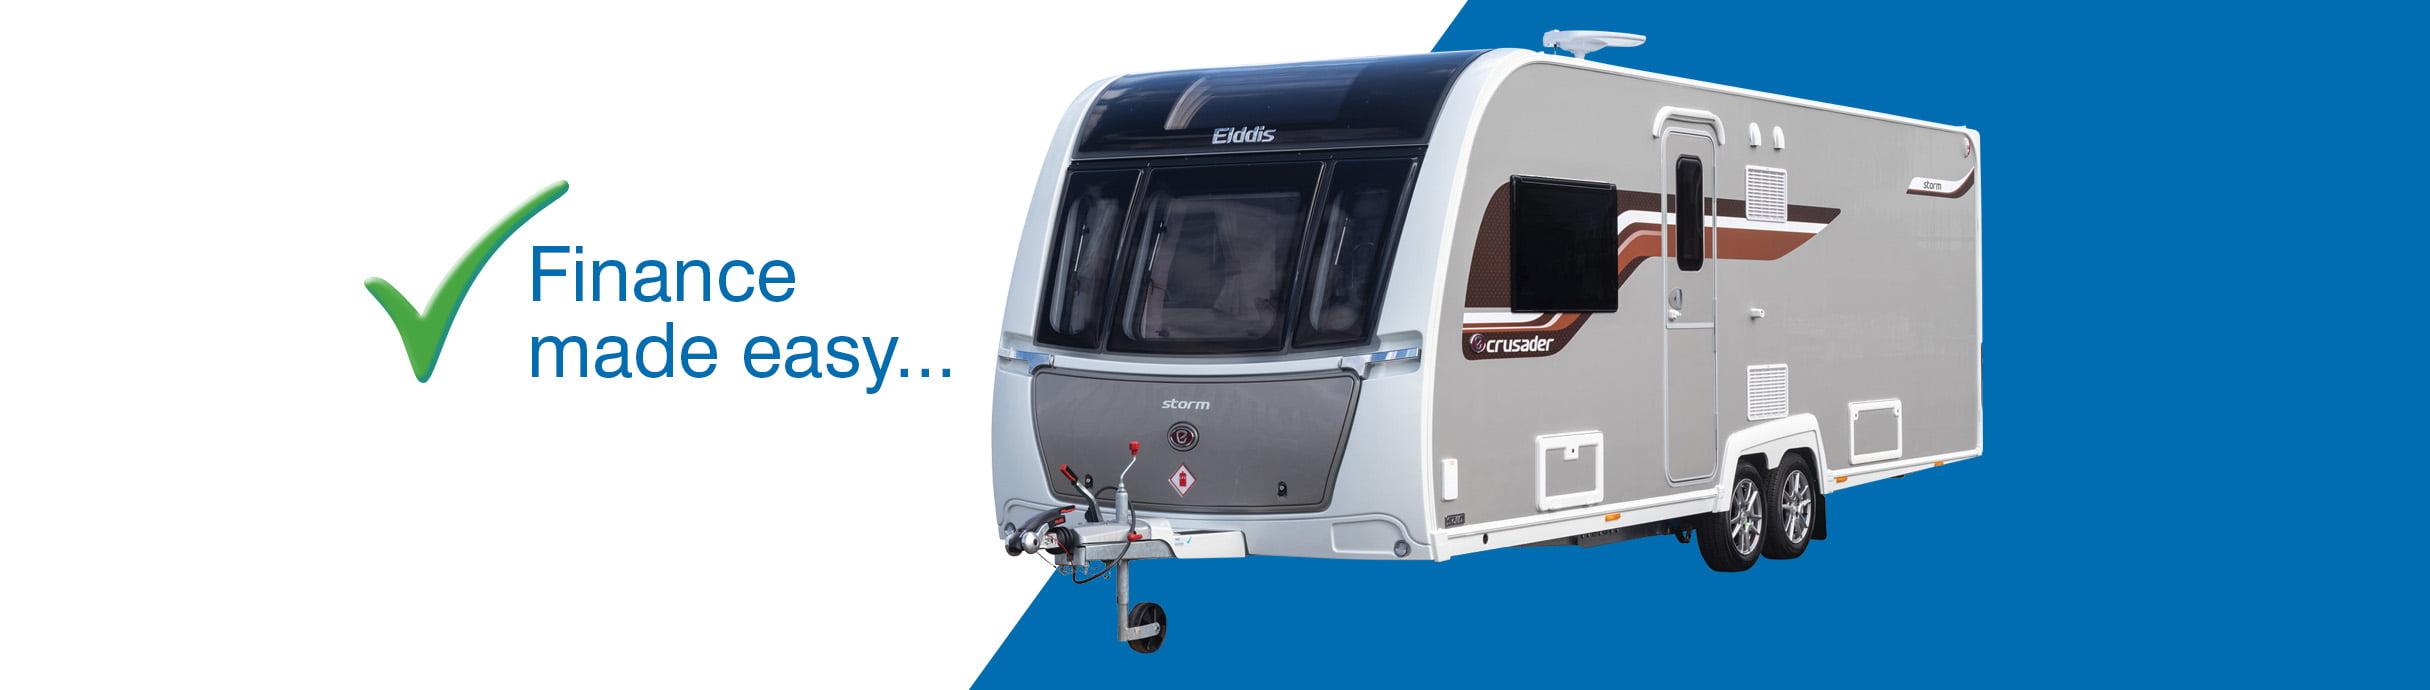 Caravan Finance image